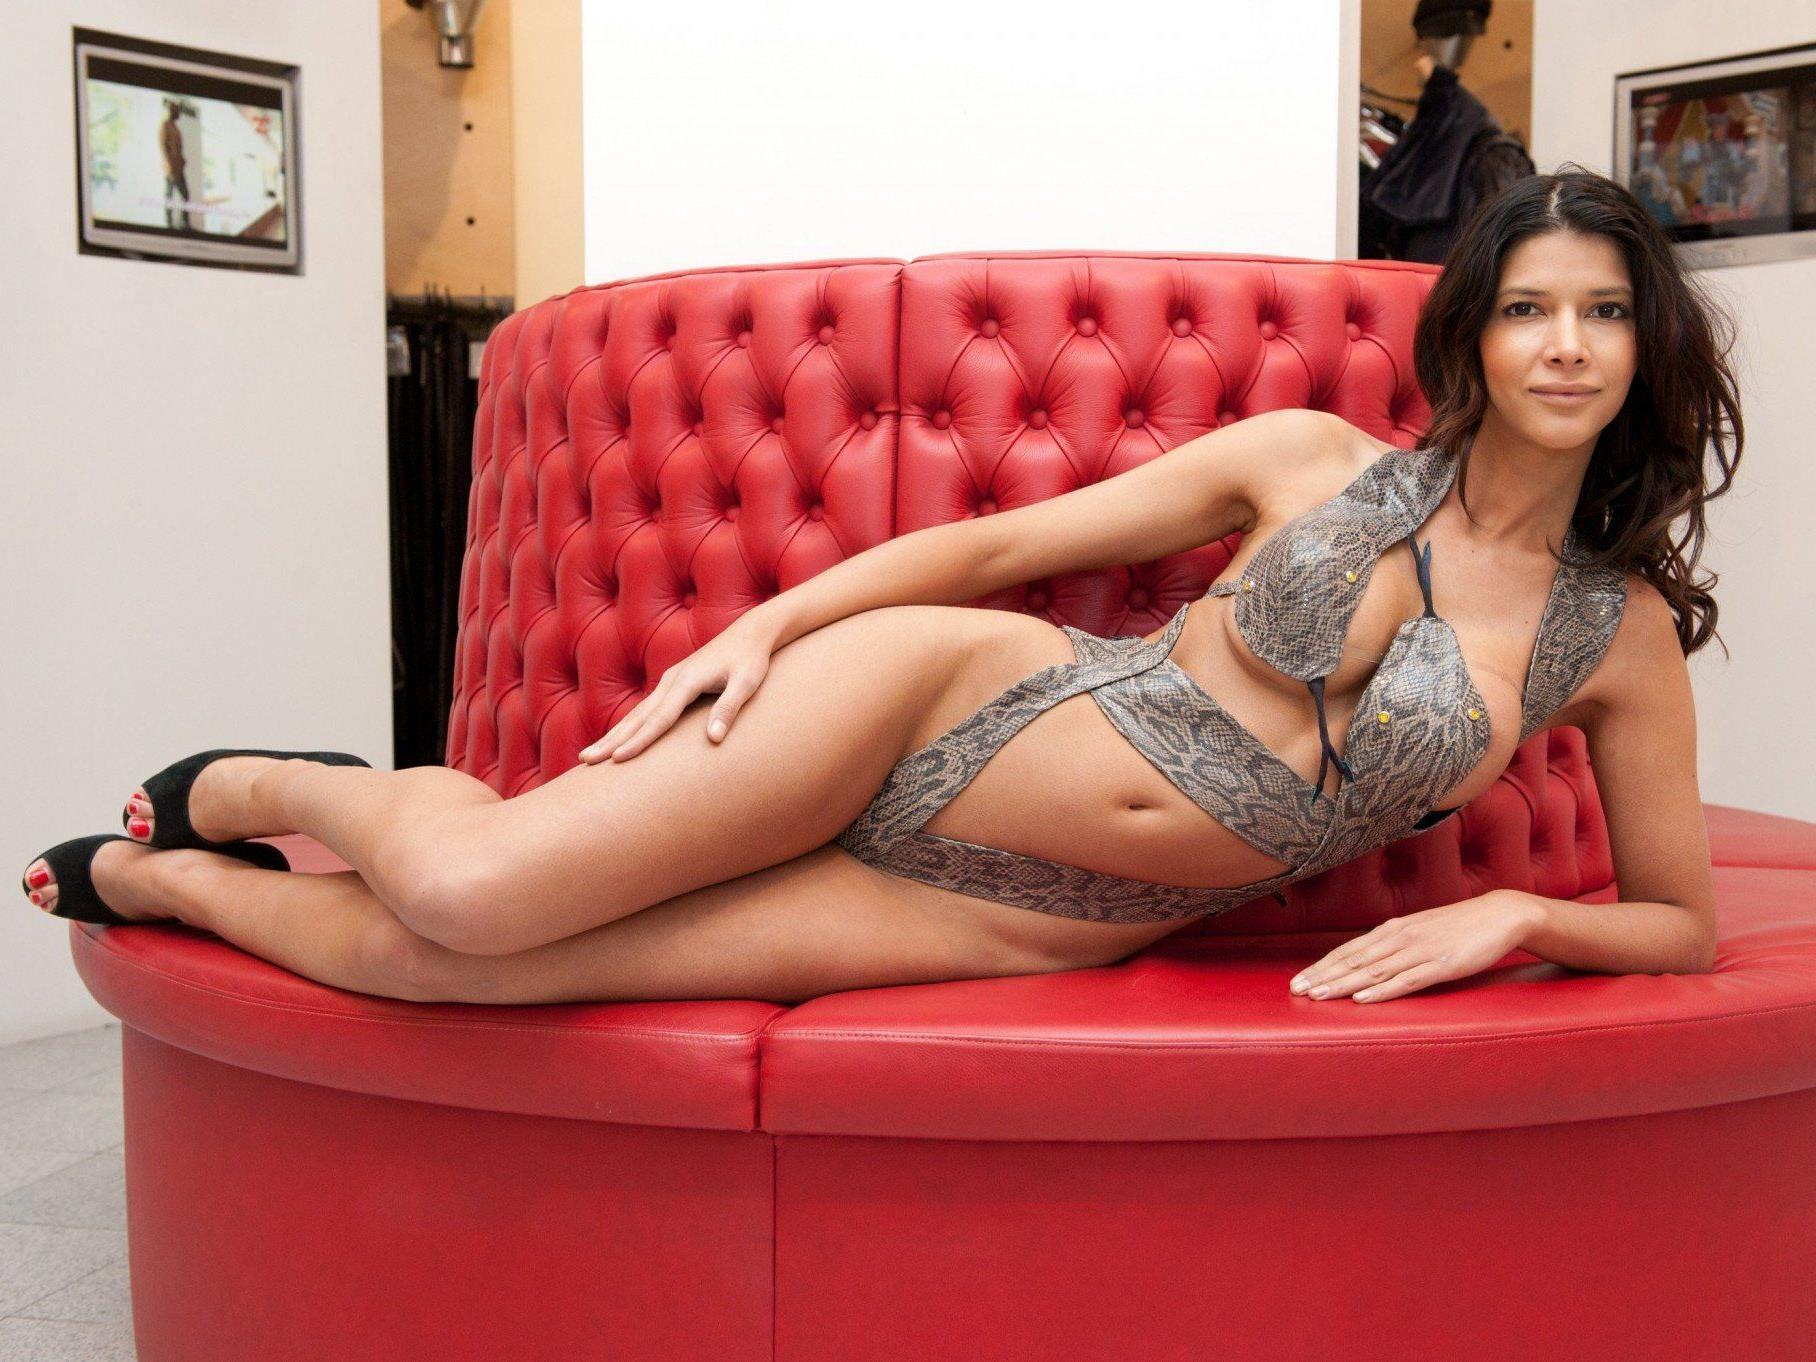 Tauschte das rote Sofa mit einem Rodel ein: Micaela Schäfer.